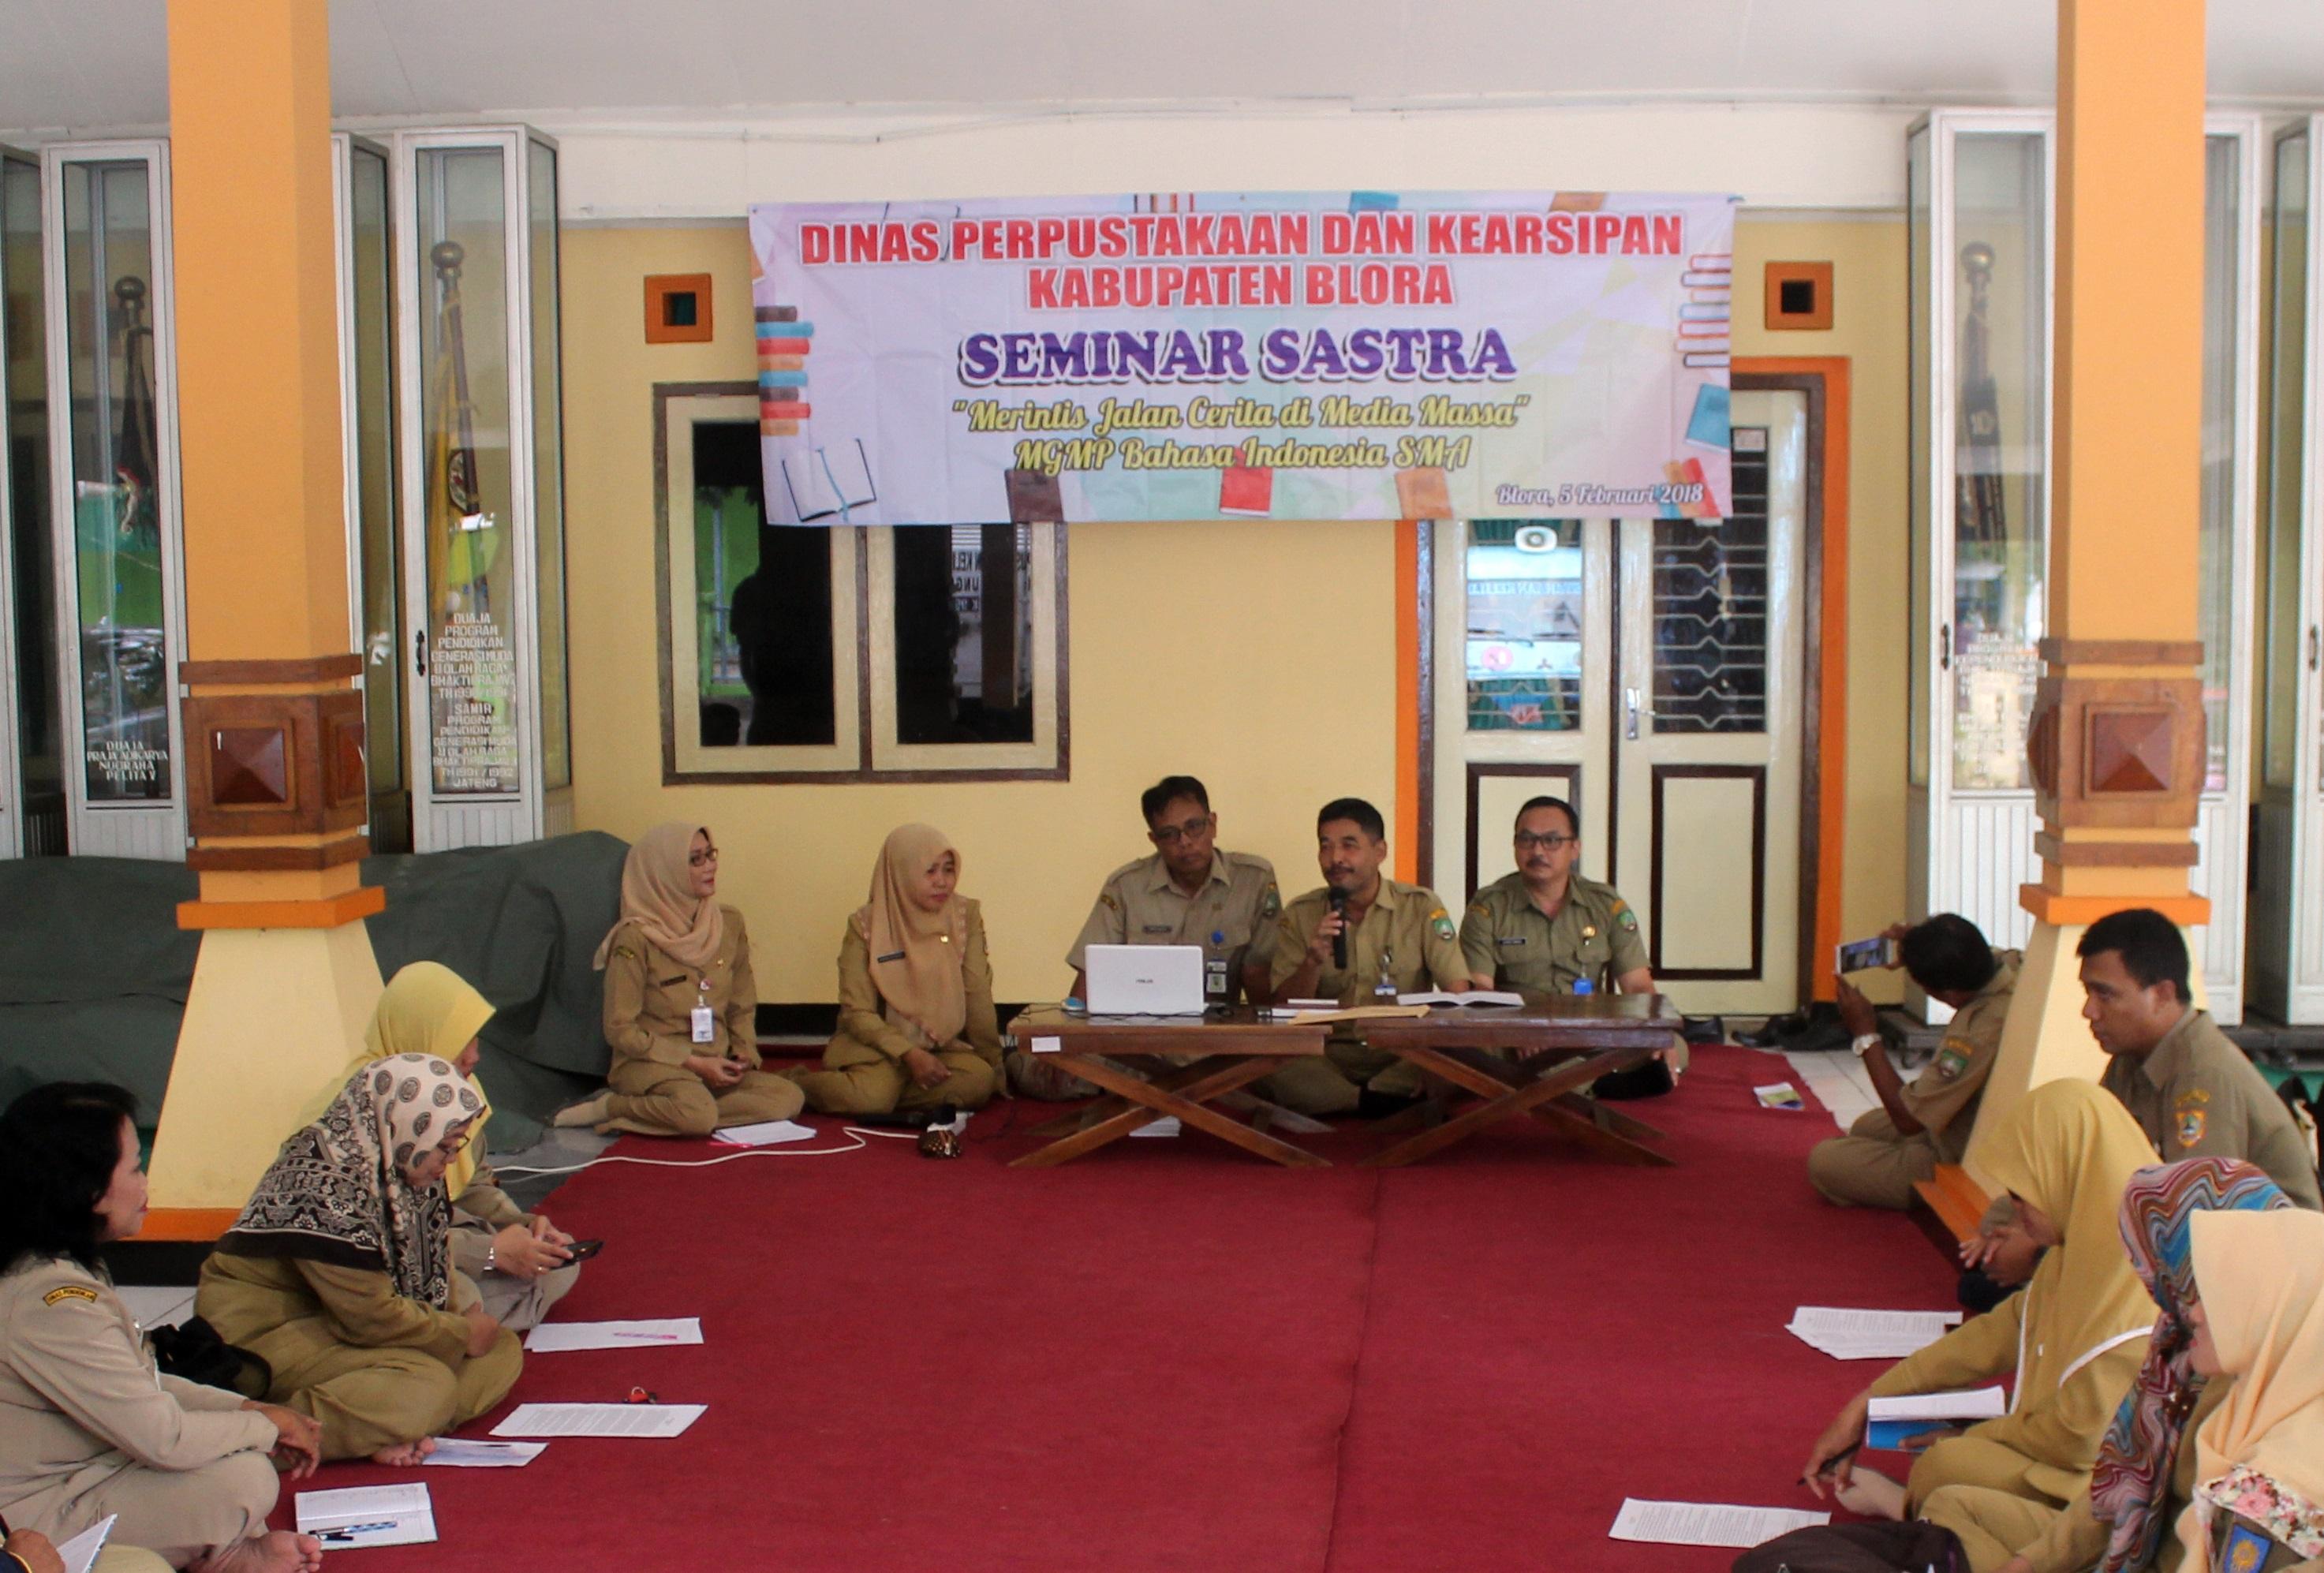 Seni Budaya Website Pemerintah Kab Blora Musyawarah Guru Mata Pelajaran